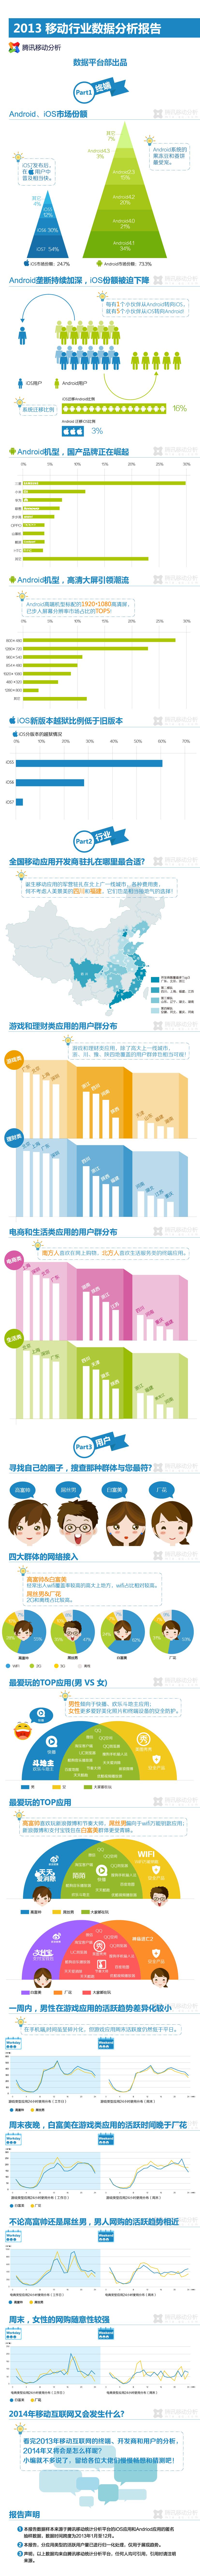 信息图第232期――2013年移动行业数据分析报告